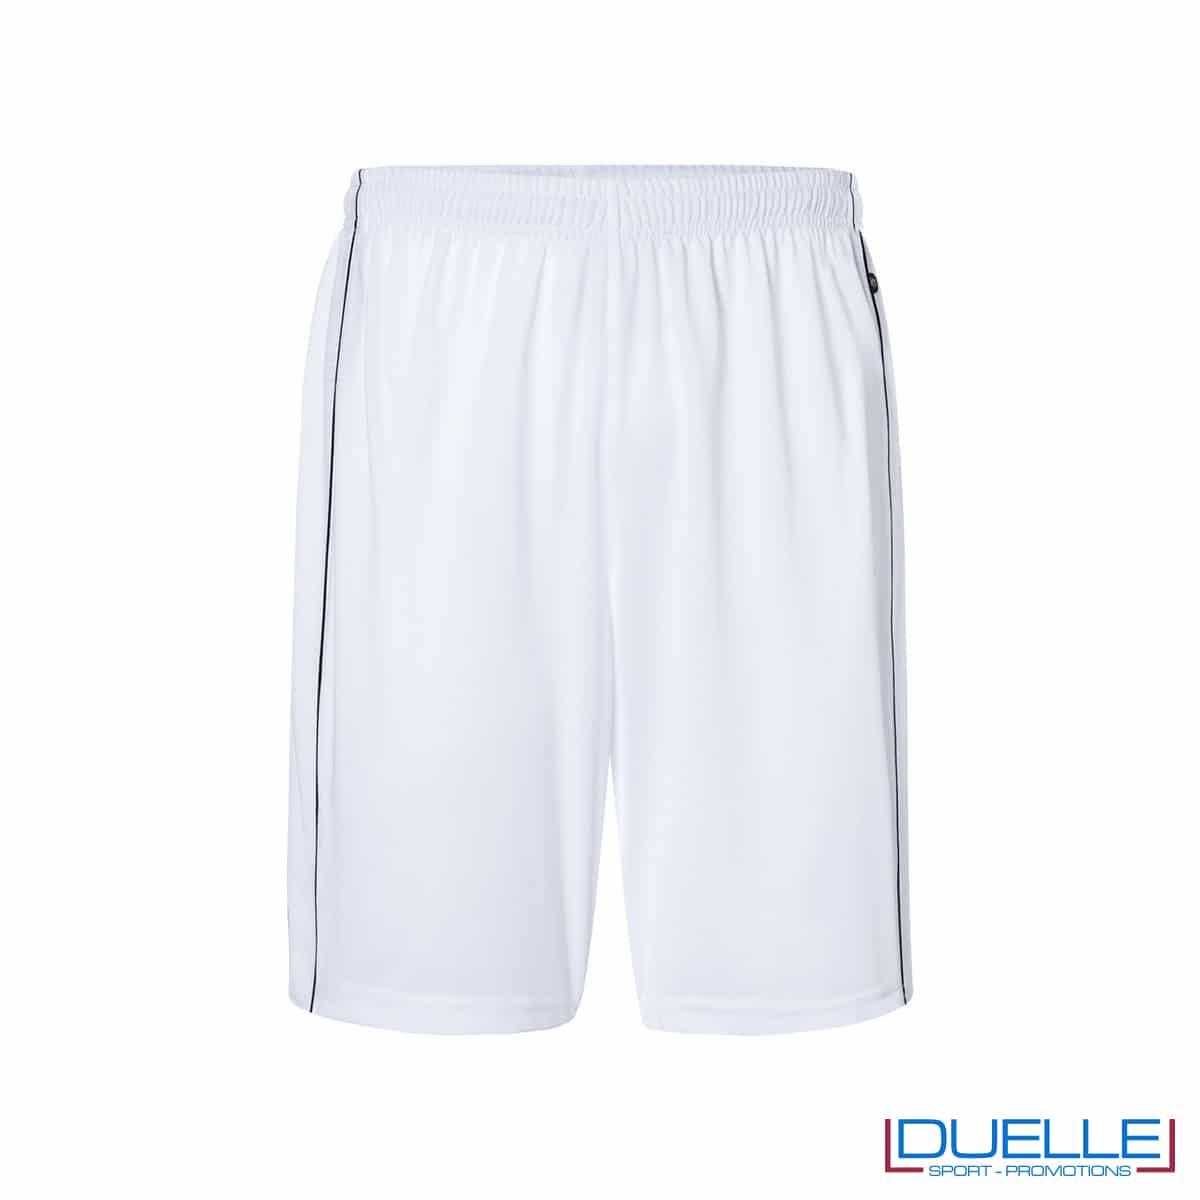 Pantaloncino calcio colore bianco promozionale